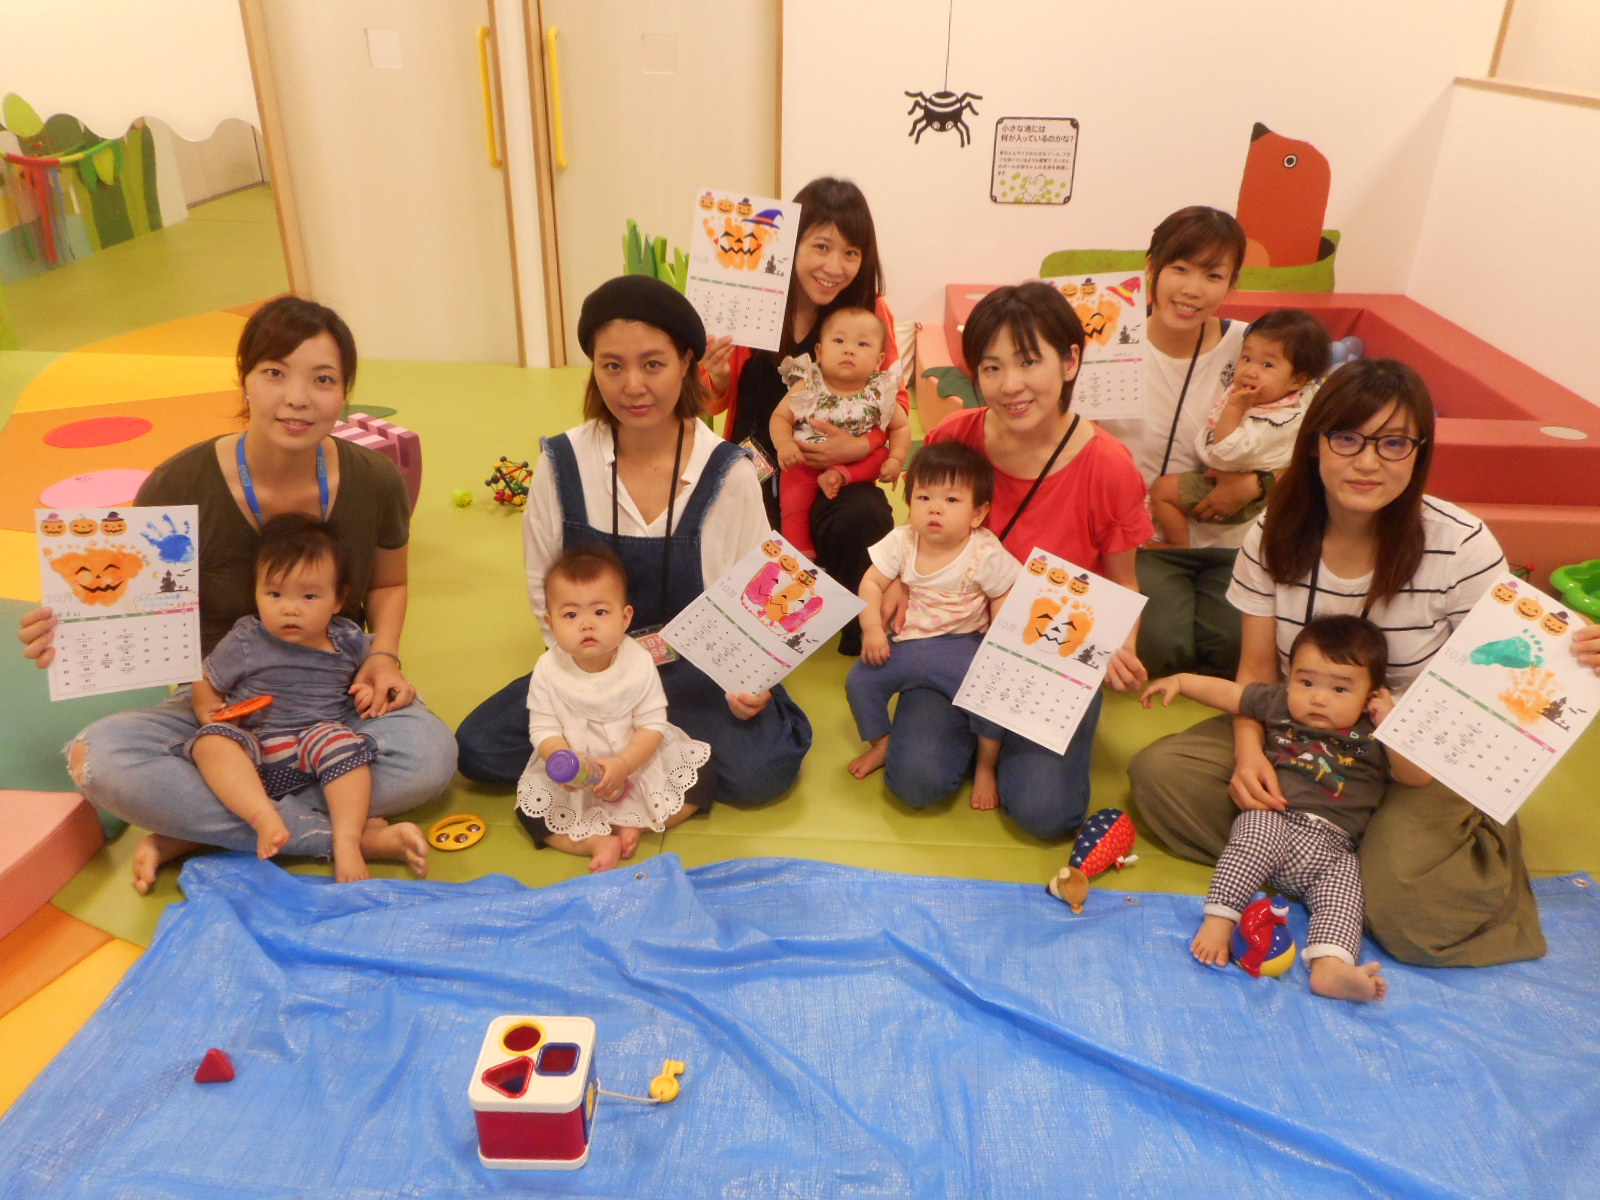 9月 赤ちゃんの日のイベントの様子 Part2